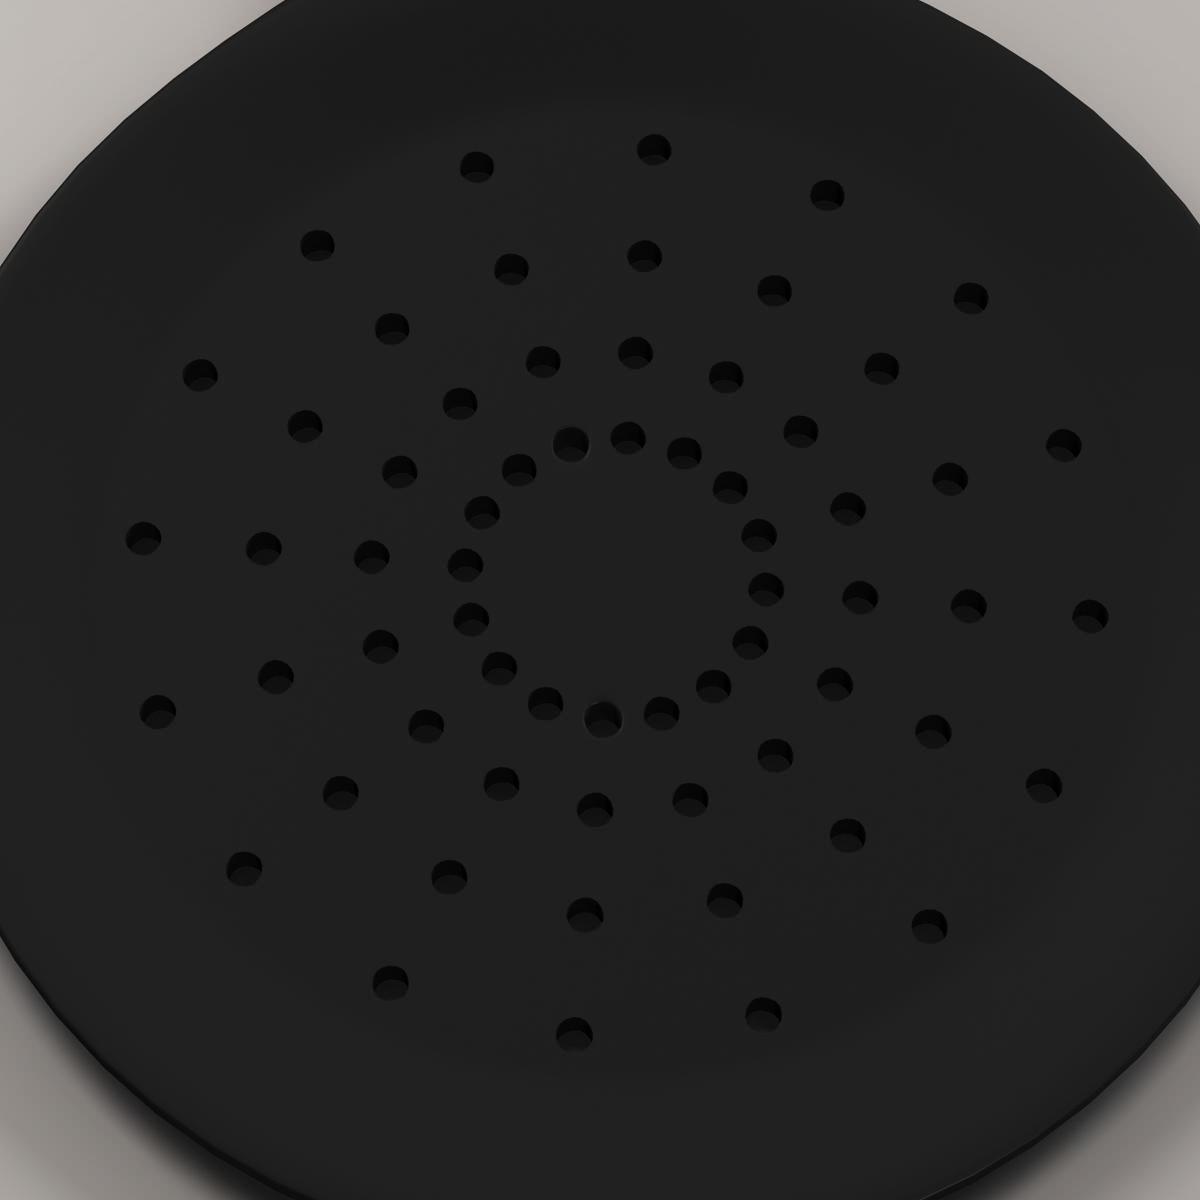 skimmer 3d model 3ds max fbx c4d ma mb obj 159126